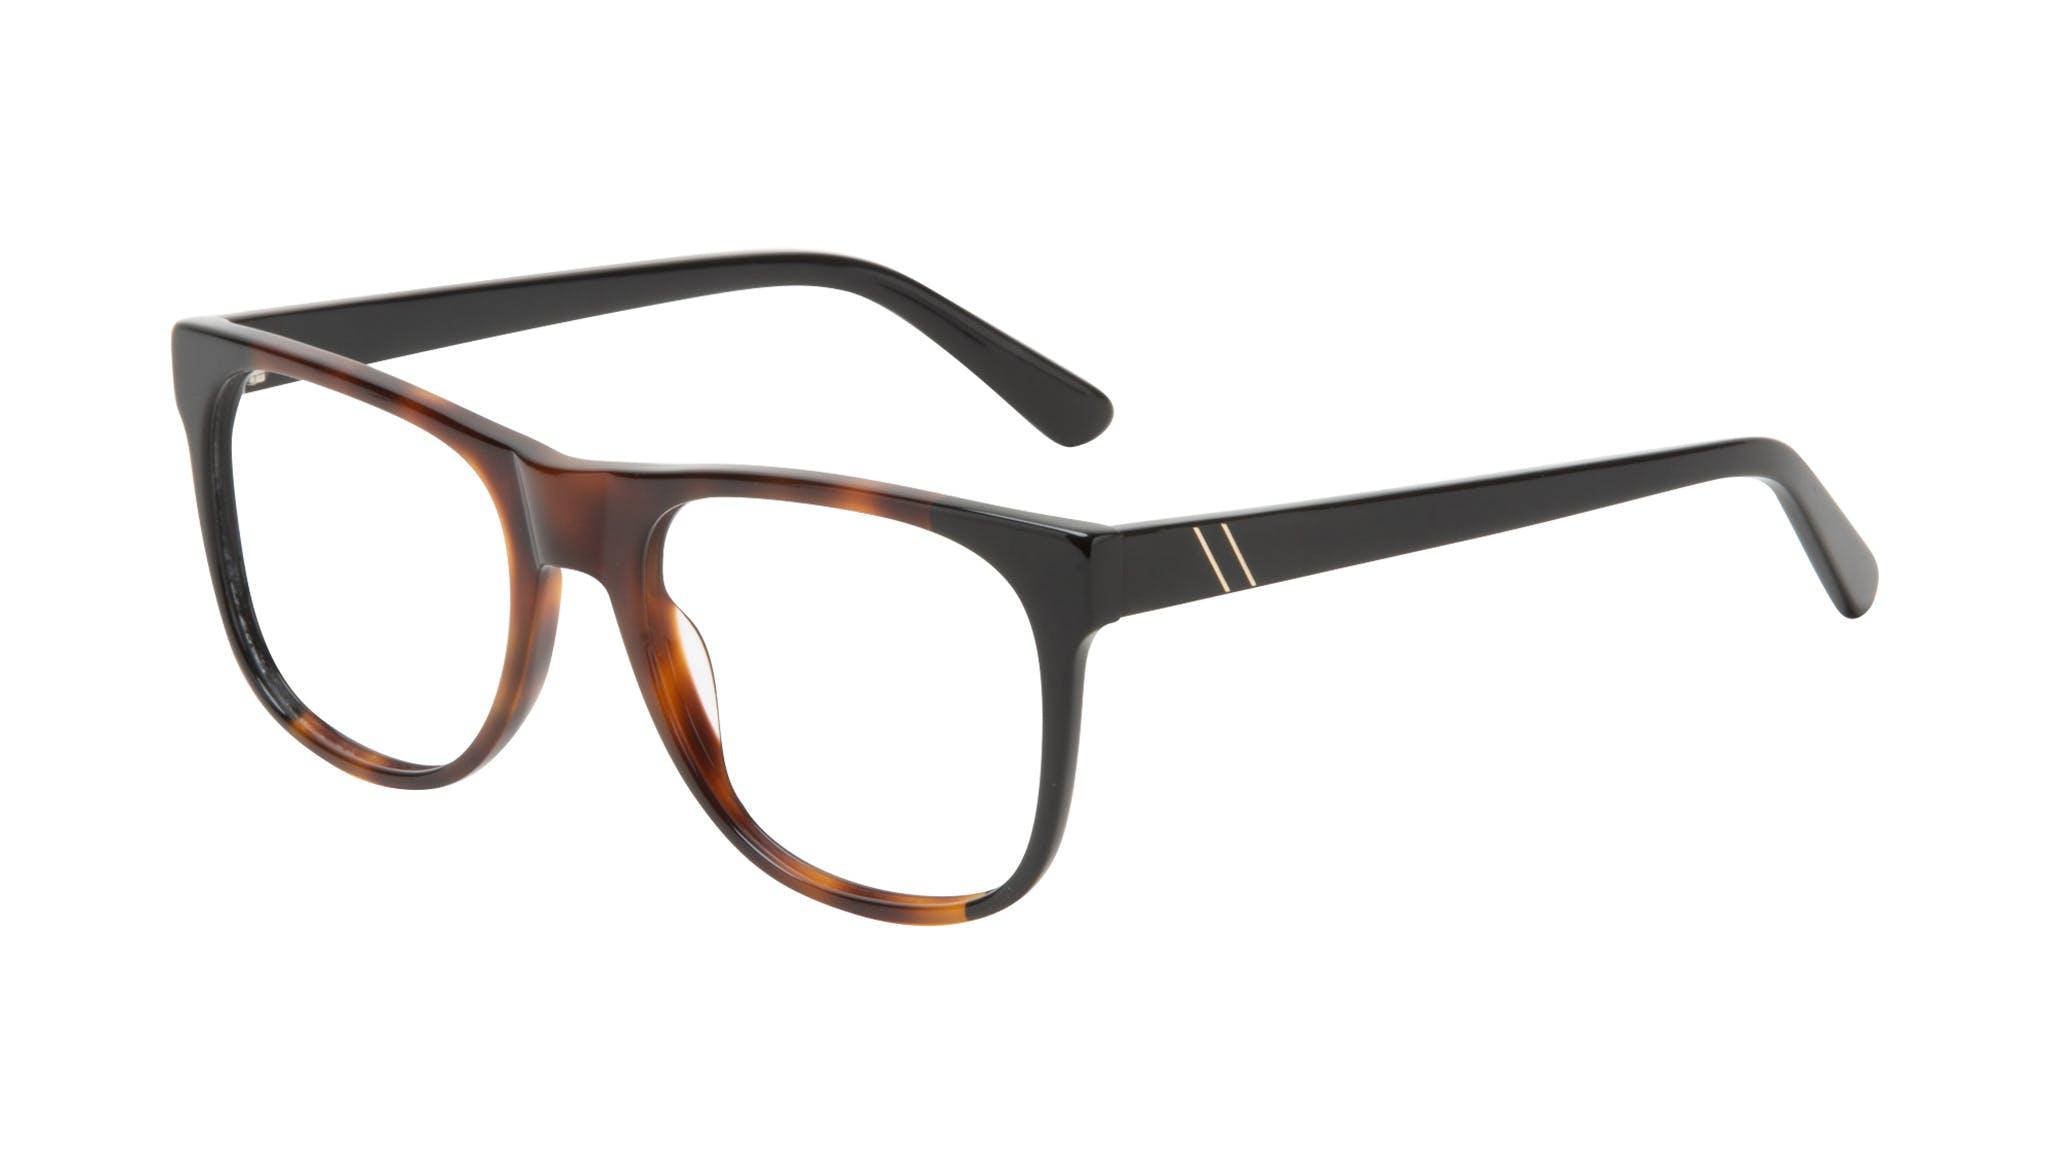 Affordable Fashion Glasses Square Eyeglasses Men Make Black Tort Tilt